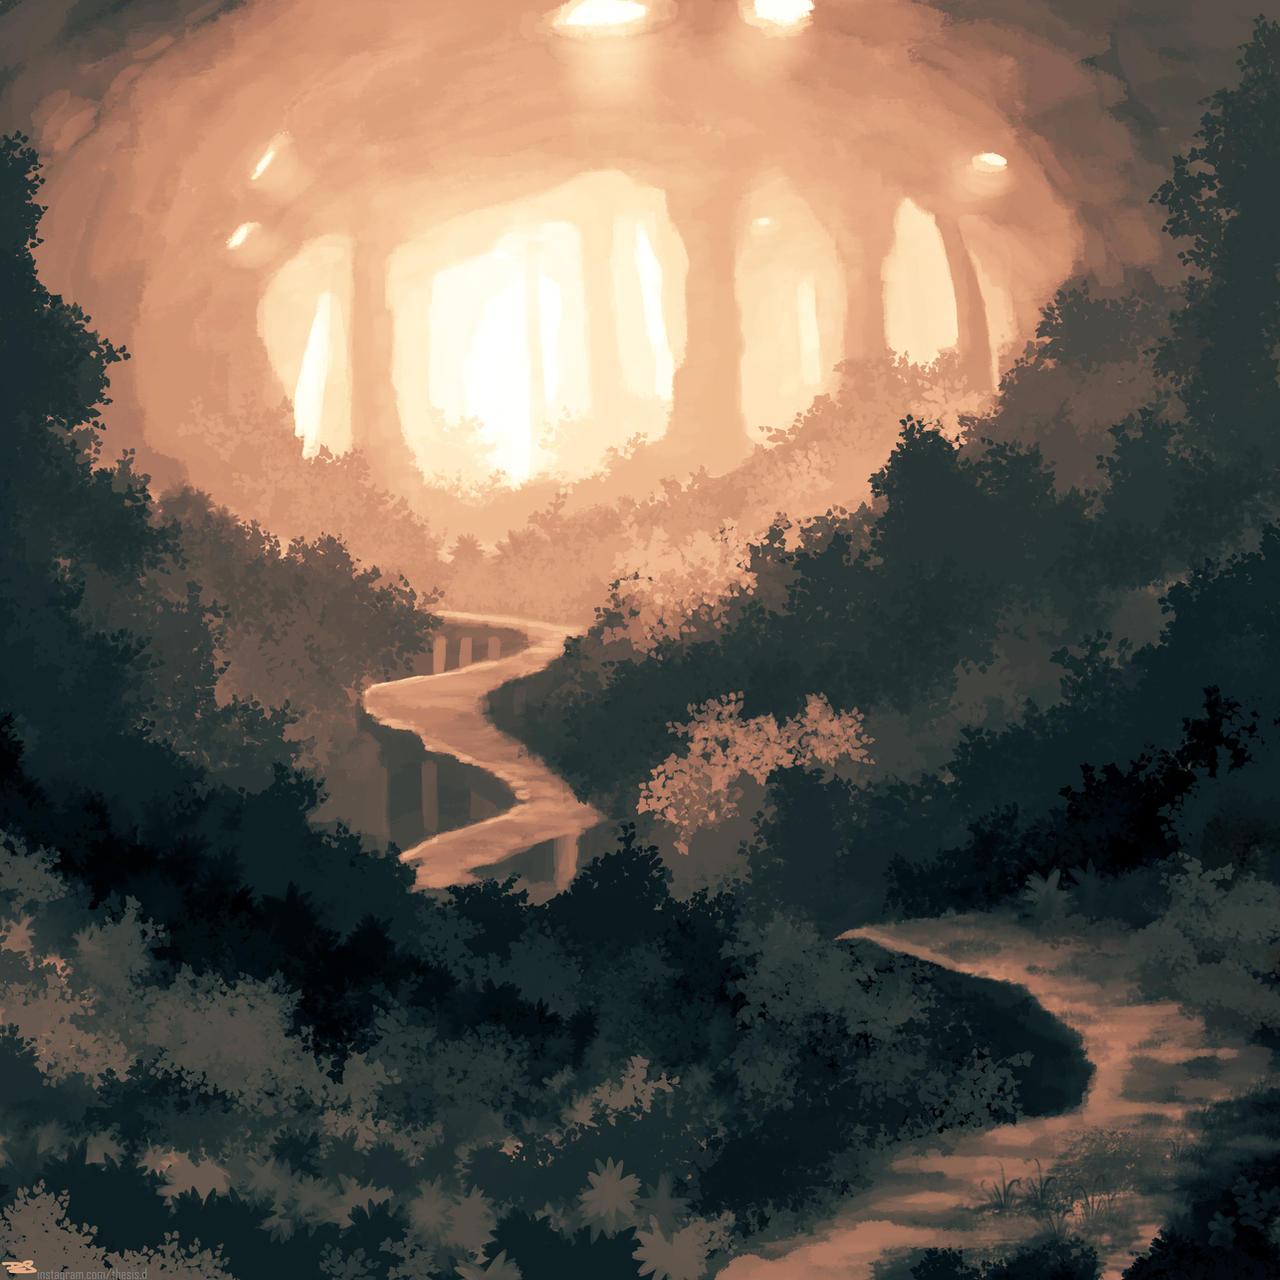 Far From Home ~ Khalid / Dr Fate Hollow_earth_by_thesis_d_dd3fm9v-fullview.jpg?token=eyJ0eXAiOiJKV1QiLCJhbGciOiJIUzI1NiJ9.eyJzdWIiOiJ1cm46YXBwOjdlMGQxODg5ODIyNjQzNzNhNWYwZDQxNWVhMGQyNmUwIiwiaXNzIjoidXJuOmFwcDo3ZTBkMTg4OTgyMjY0MzczYTVmMGQ0MTVlYTBkMjZlMCIsIm9iaiI6W1t7ImhlaWdodCI6Ijw9MTI4MCIsInBhdGgiOiJcL2ZcLzcyMDRhMTViLTY2YWUtNDI0ZS04YmU4LWVjMDE0ZjAyNTdlMFwvZGQzZm05di0xYjEwM2NmMS1jZmFiLTQ5YjUtOTY1MS0wNGNiMjhmOWMyMjYuanBnIiwid2lkdGgiOiI8PTEyODAifV1dLCJhdWQiOlsidXJuOnNlcnZpY2U6aW1hZ2Uub3BlcmF0aW9ucyJdfQ